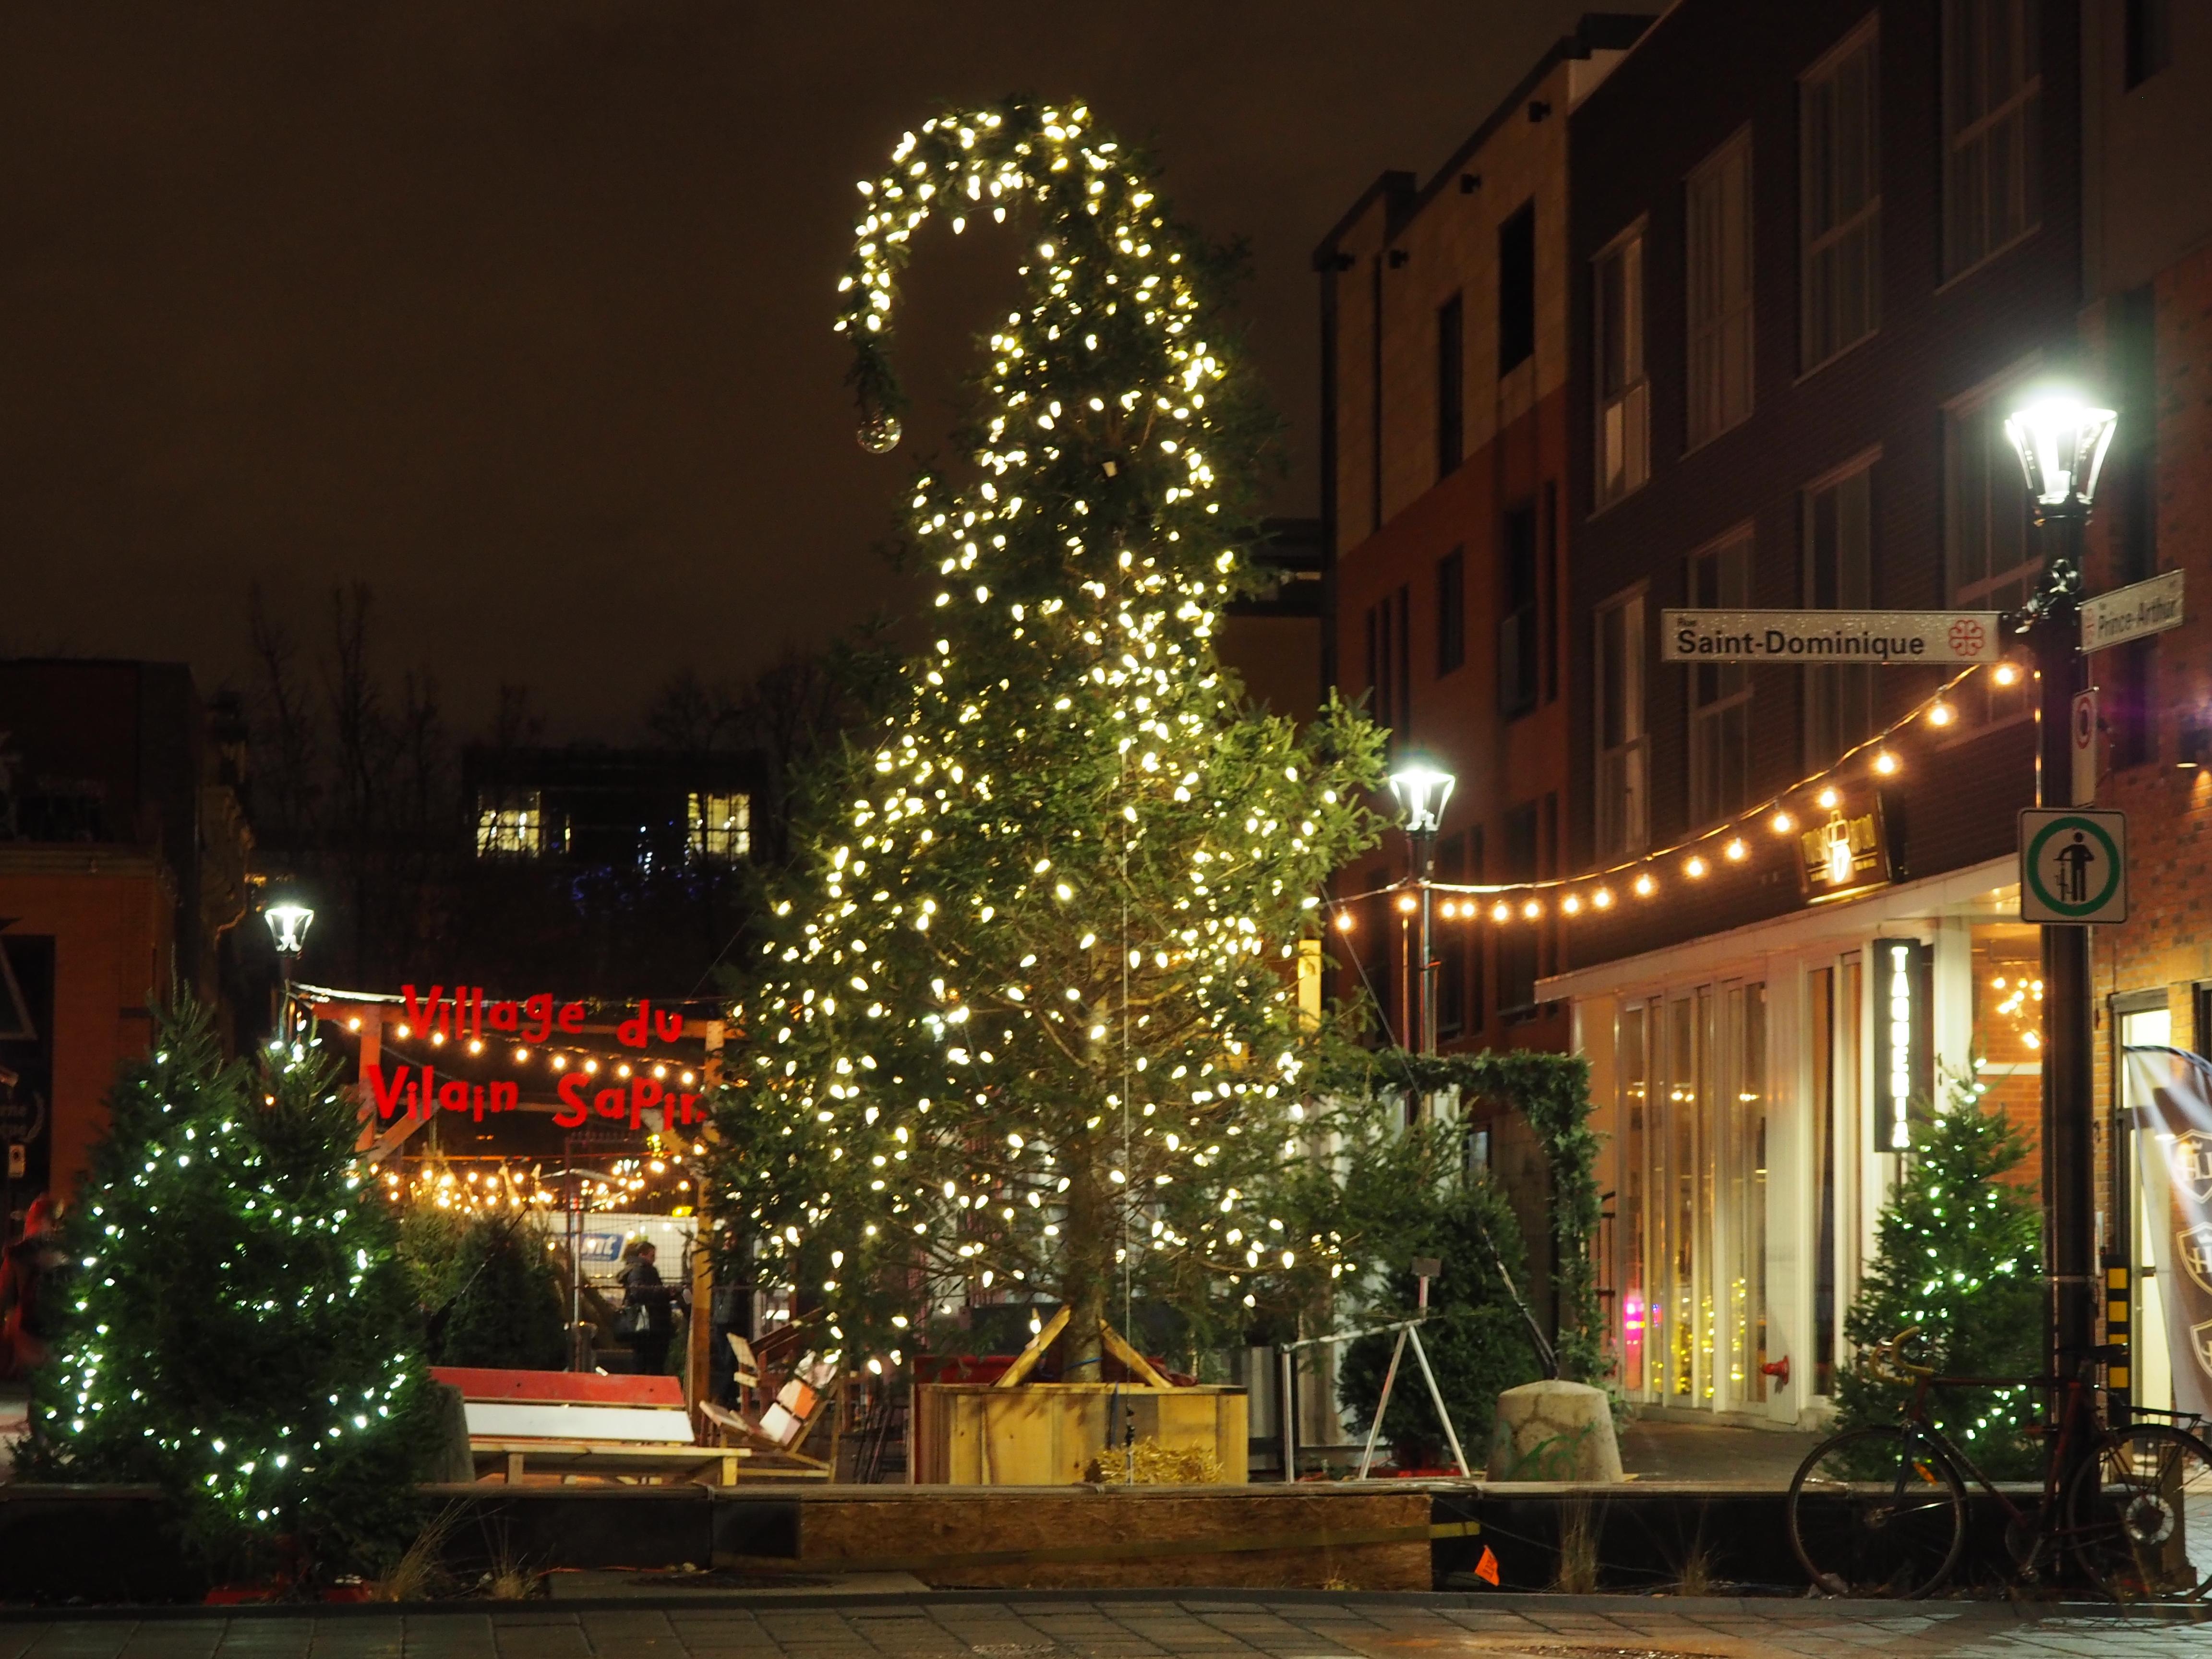 Village du Vilain Sapin - Ambiance de Noël à Montréal